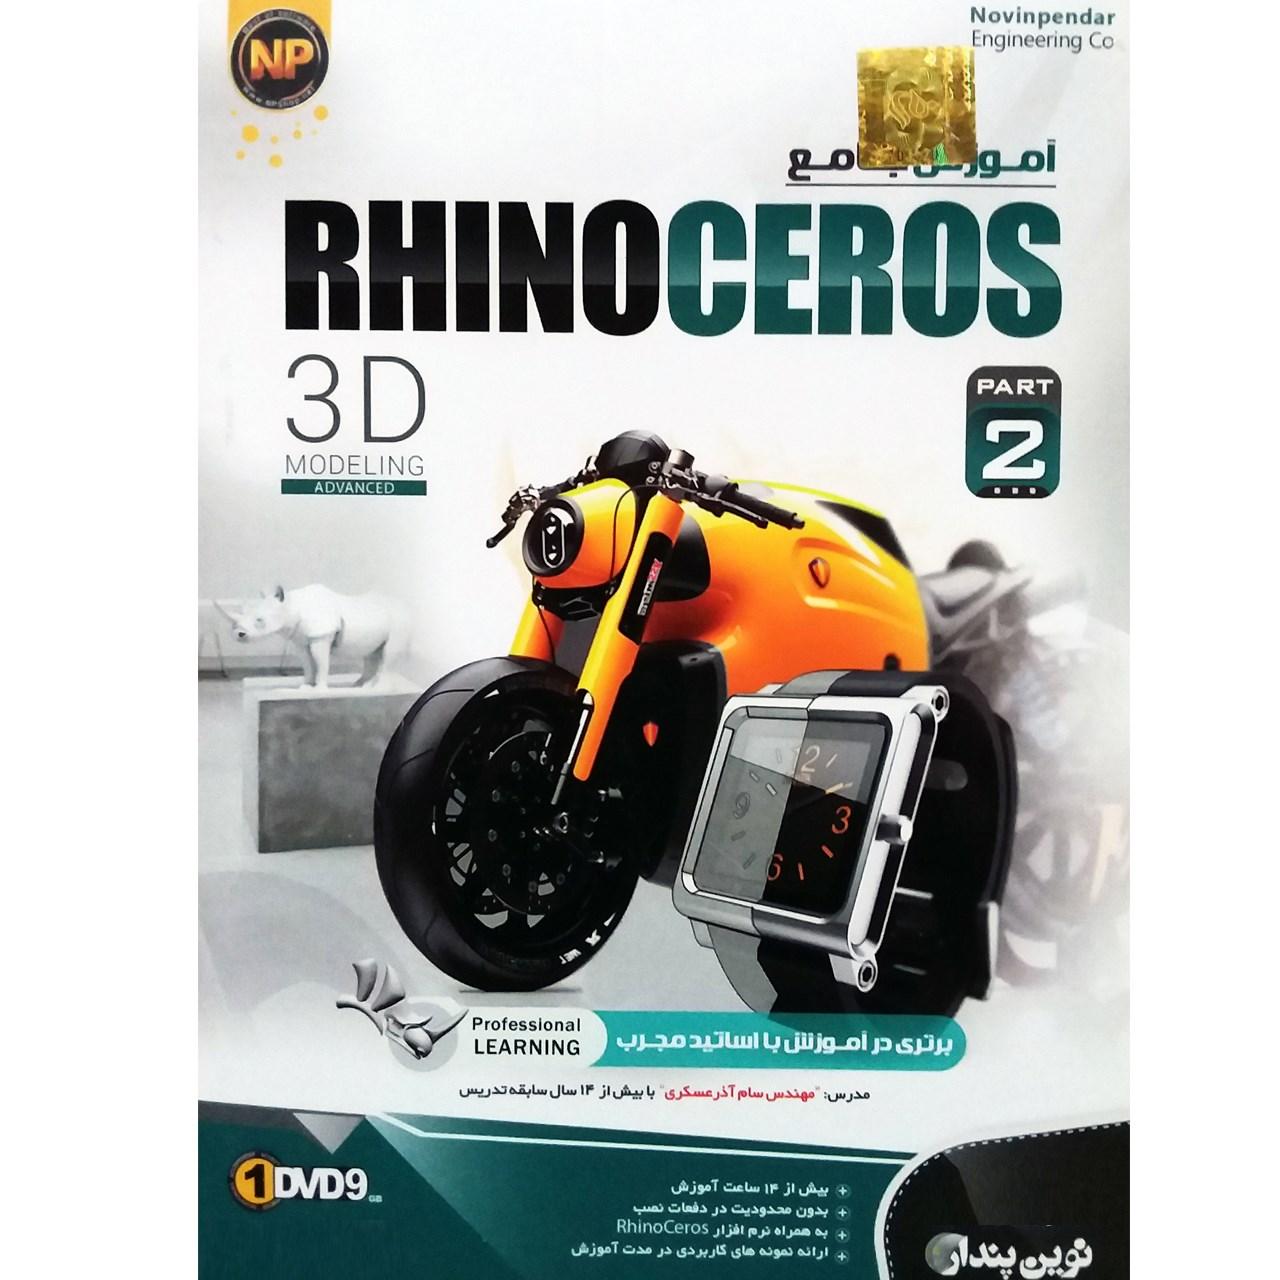 نرم افزار آموزش جامع Rhinoceros پارت 2 نشر نوین پندار